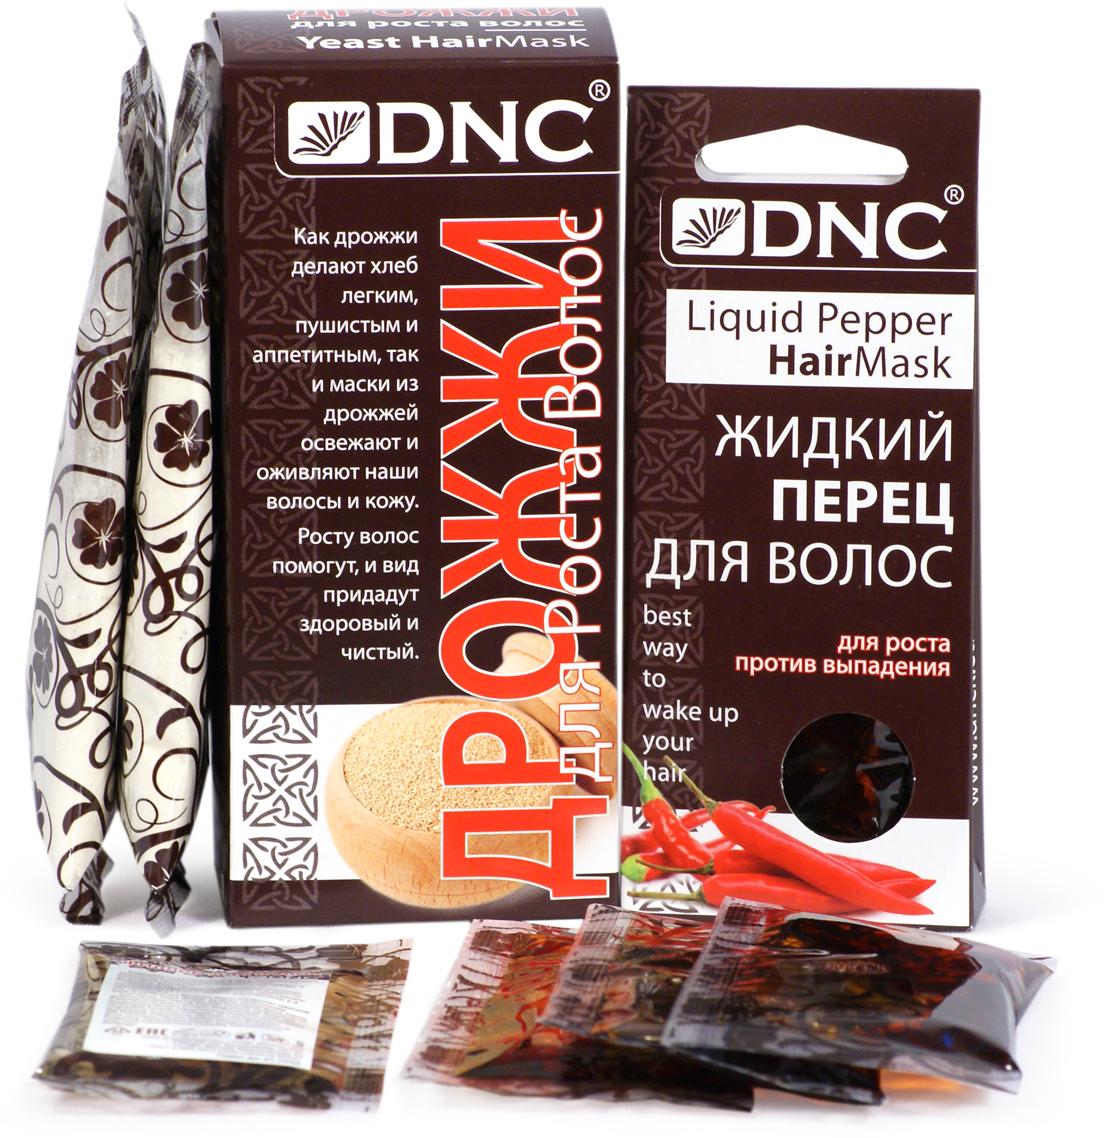 DNC, Маска для волос Дрожжи, 100 г; Жидкий перец для волос, 3 шт х 15 мл + ПОДАРОК Филлер для волос, 15 мл